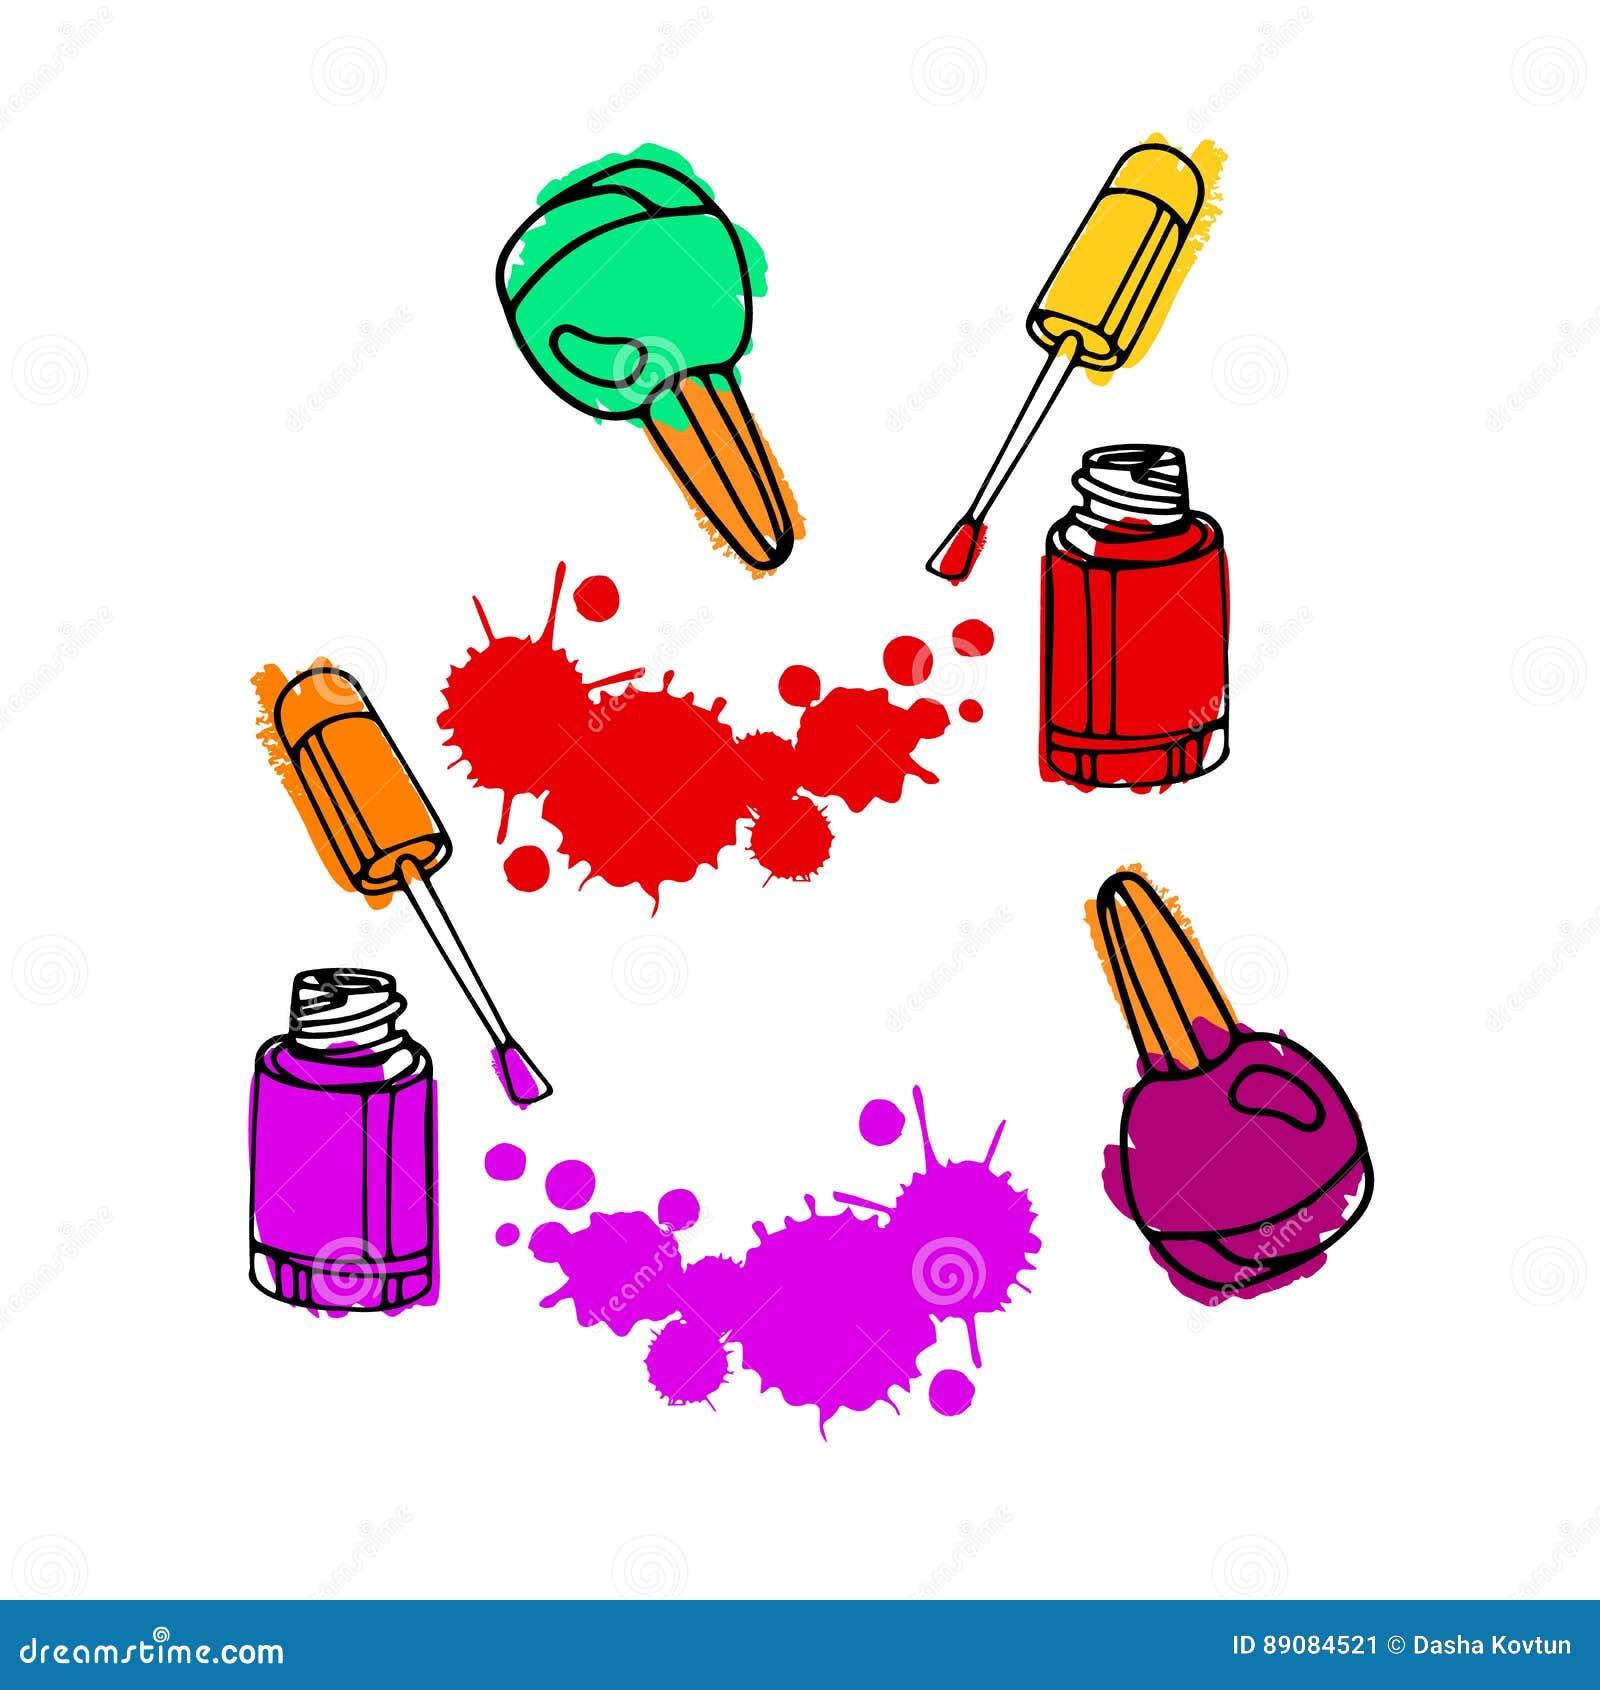 Nail Art Vector: Nail Polish. Nail Polish Drawing. Vector Nail Art Concept